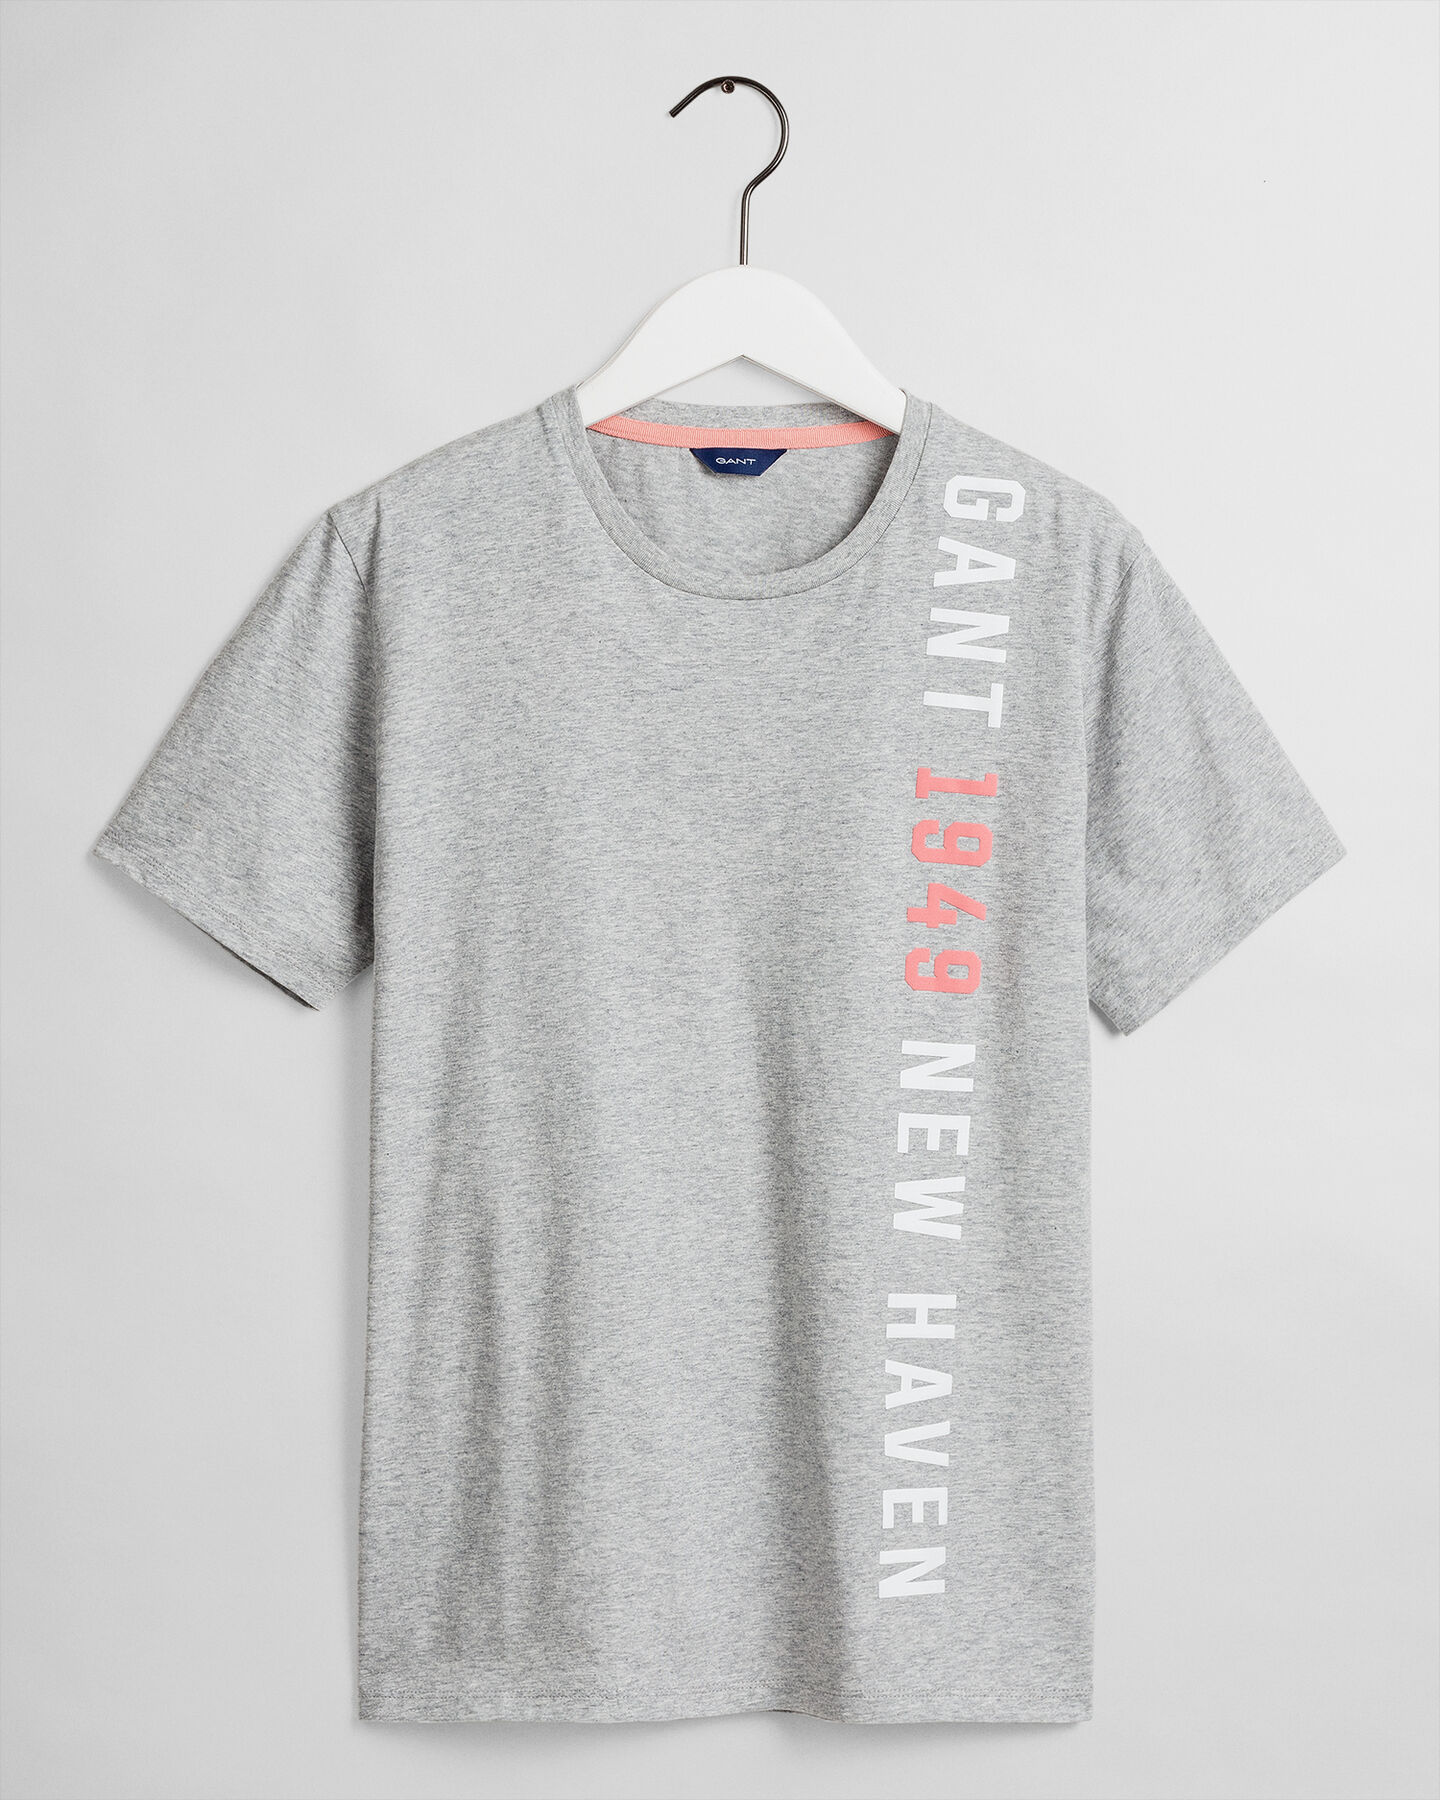 Teen Boys T-Shirt